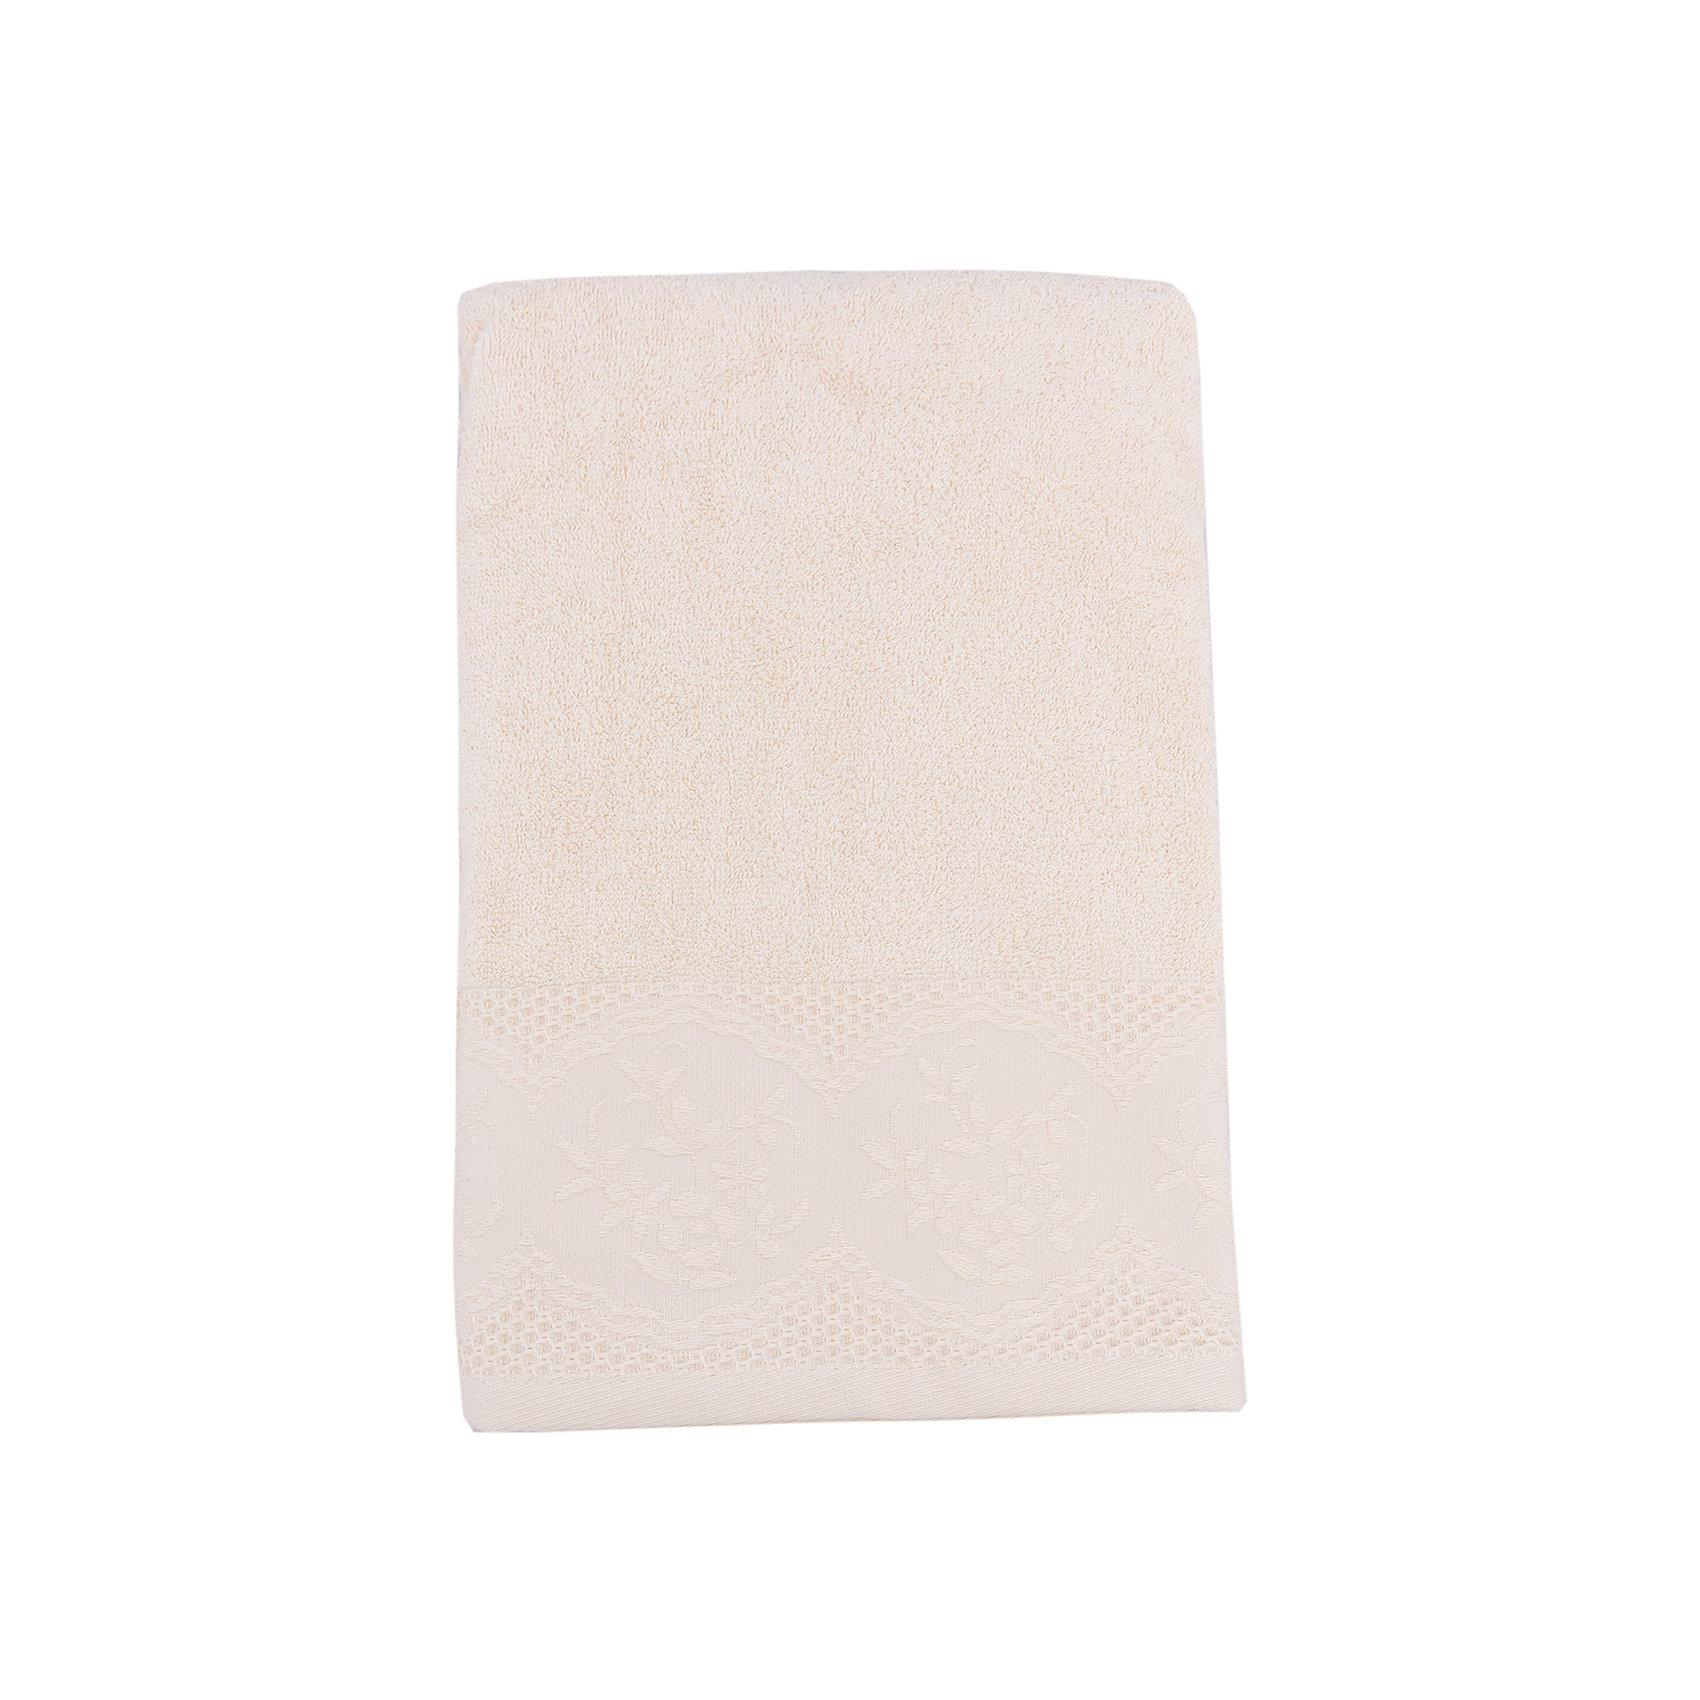 Полотенце WAYNE махровое 70*140, TAC, светло-желтыйВанная комната<br>Характеристика: <br><br>- Материал: 100% хлопок.<br>- Размер: 70х140 см.<br>- Плотность: 430гр/м2.<br>- Цвет: светло-желтый.<br><br>Нежное махровое полотенце будет прекрасным подарком к любому празднику!<br><br>Полотенце WAYNE махровое, можно купить в нашем магазине.<br><br>Ширина мм: 170<br>Глубина мм: 40<br>Высота мм: 300<br>Вес г: 500<br>Возраст от месяцев: 0<br>Возраст до месяцев: 84<br>Пол: Унисекс<br>Возраст: Детский<br>SKU: 5124090